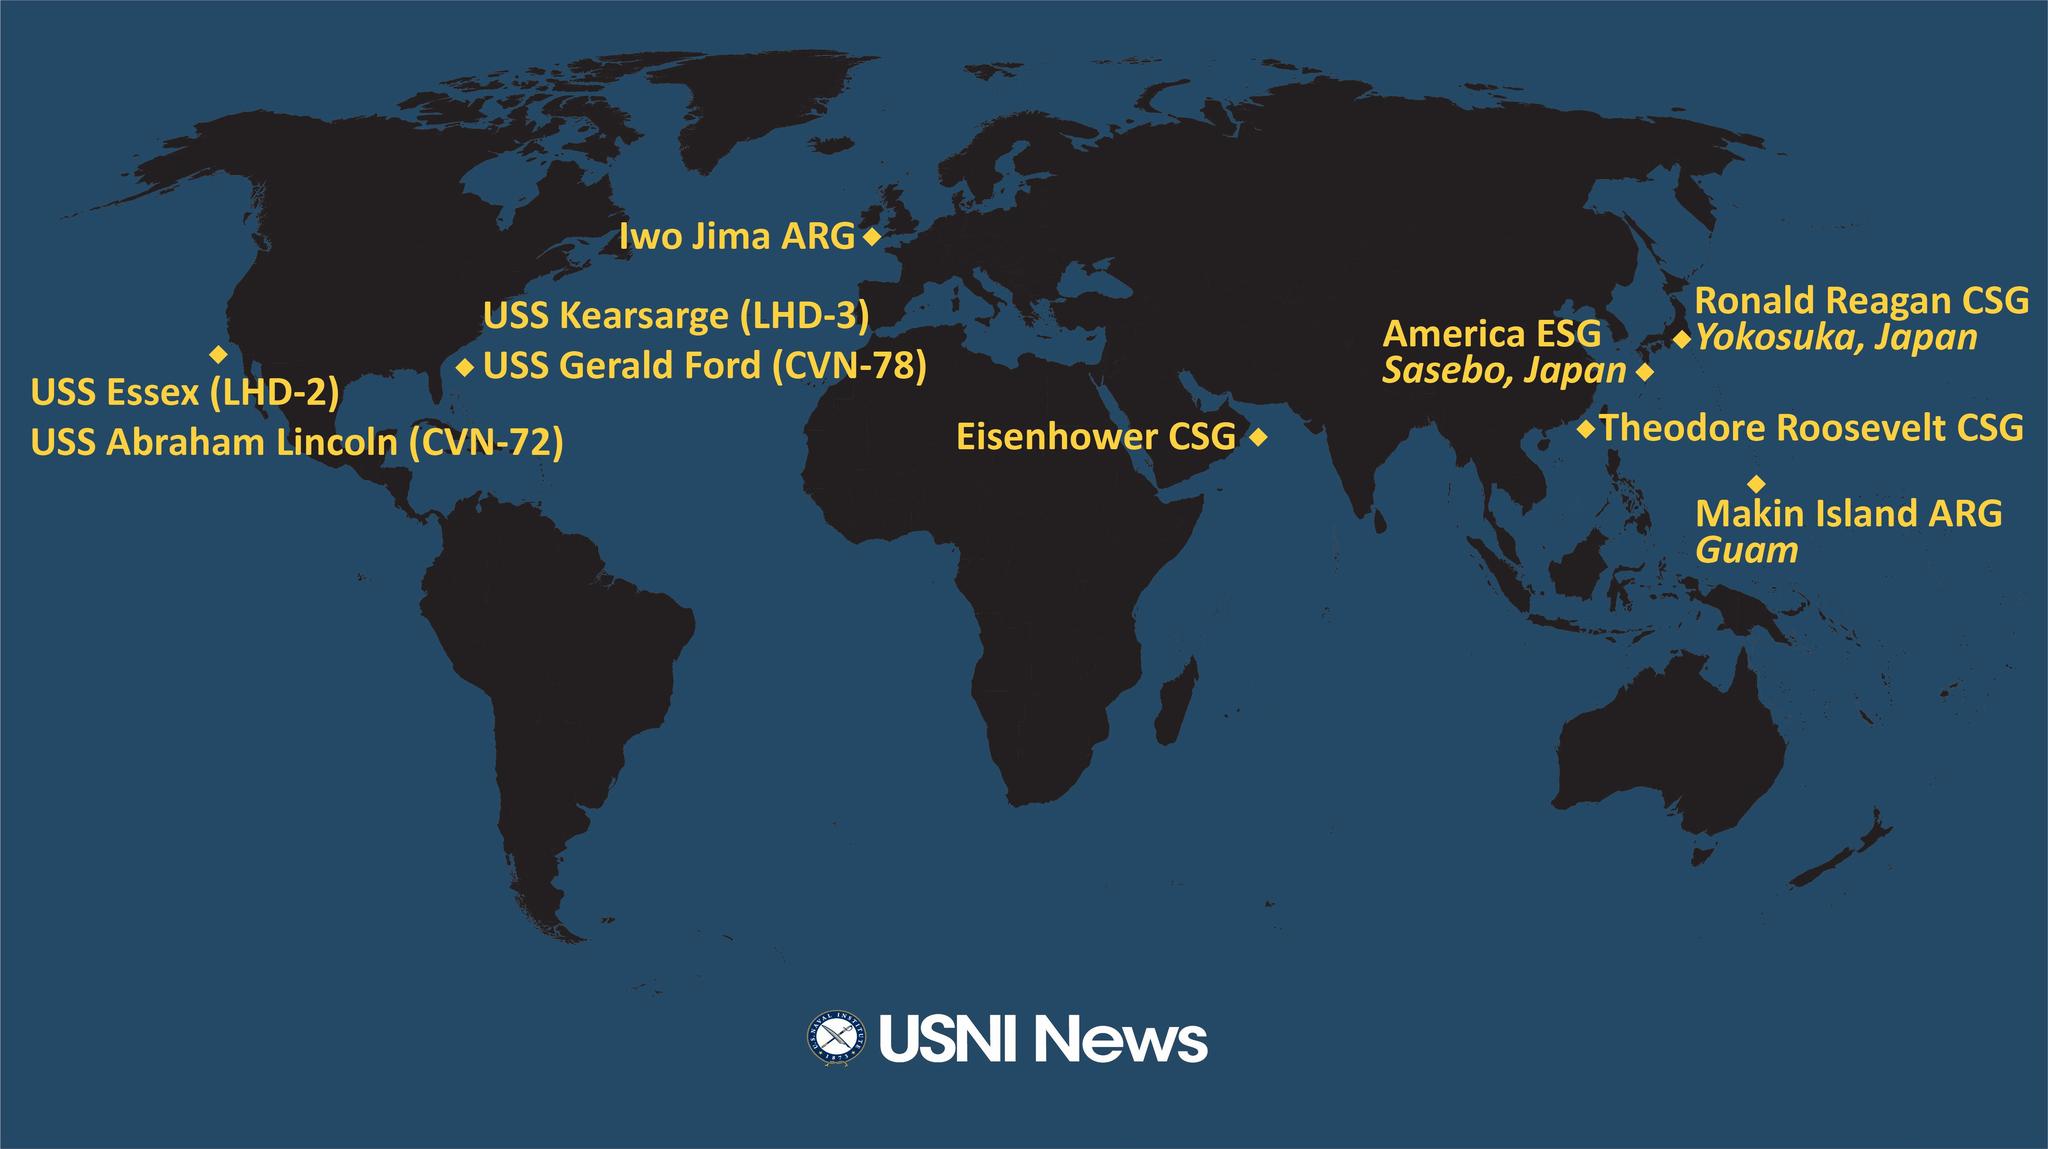 图源:USNI News